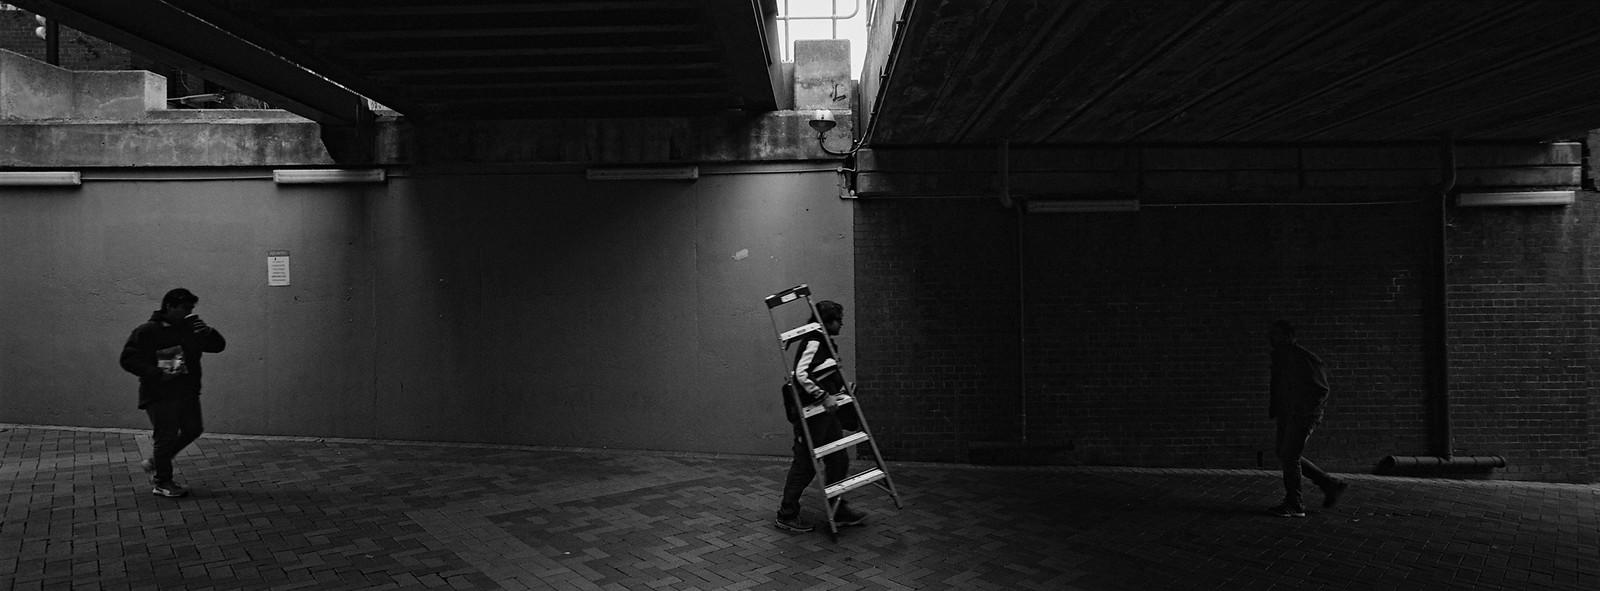 Swinburne: Ladder